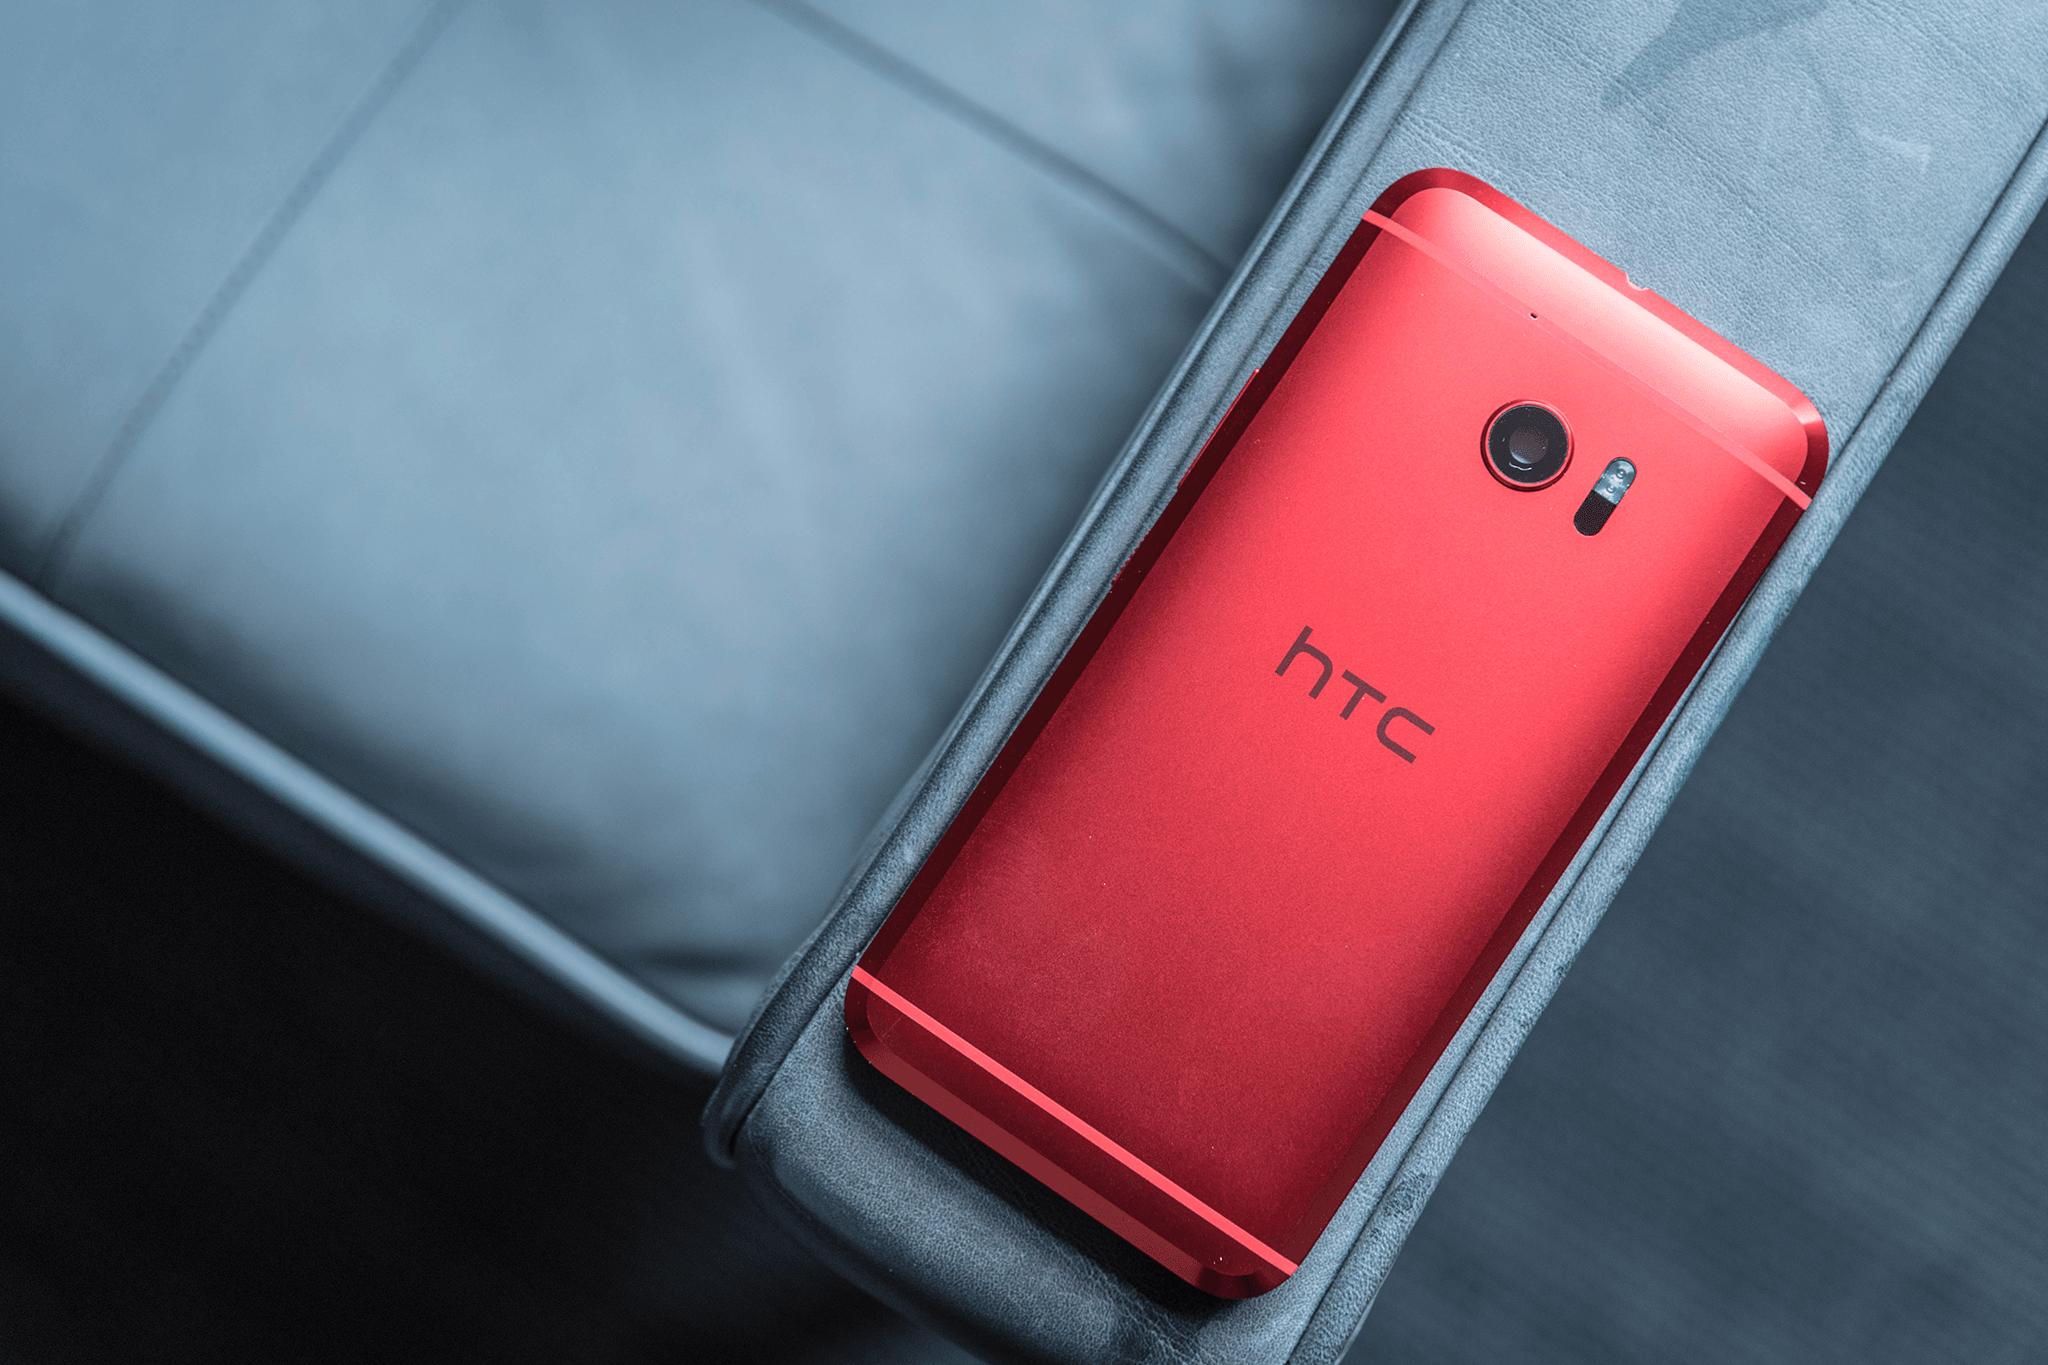 15 najładniejszych smartfonów z Androidem - ranking wszechczasów 11